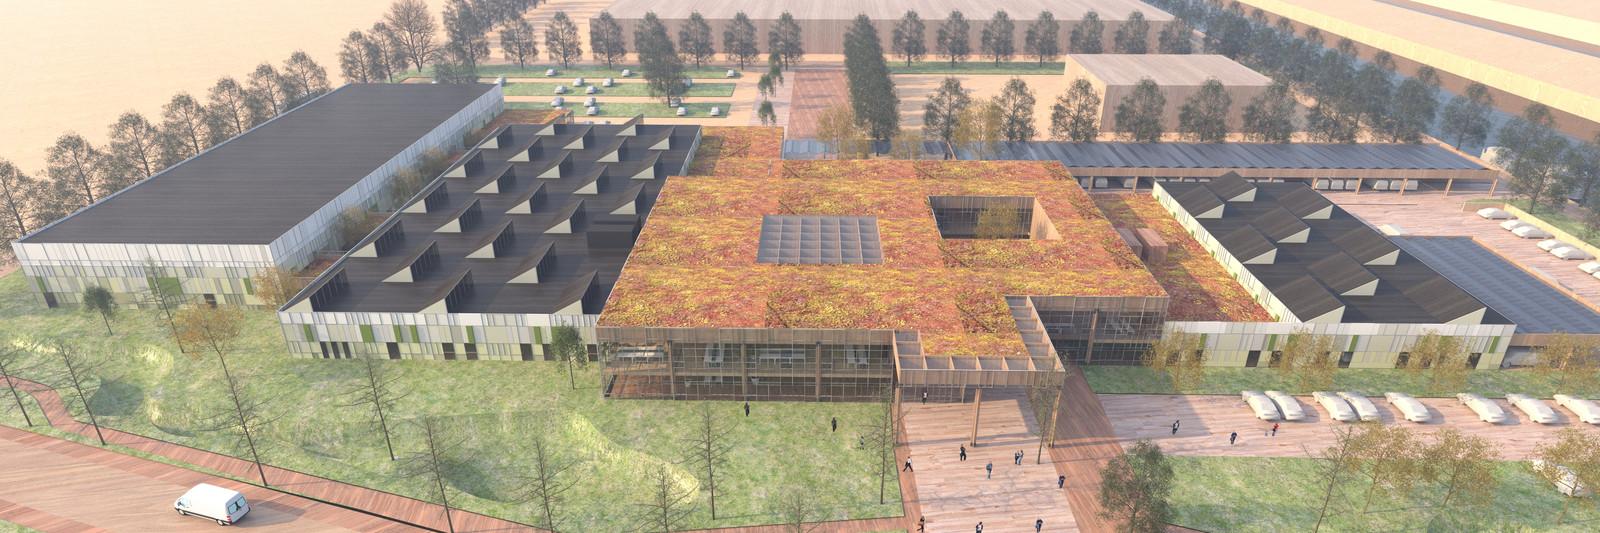 Het ontwerp van de nieuwbouw van WeenerXL aan de Oude Vlijmenseweg in Den Bosch. De bouw moet nog dit jaar beginnen en eind 2021 klaar zijn. Rechts de bezoekersparkeerpaatsen, links achterin het parkeerterrein voor personeel.